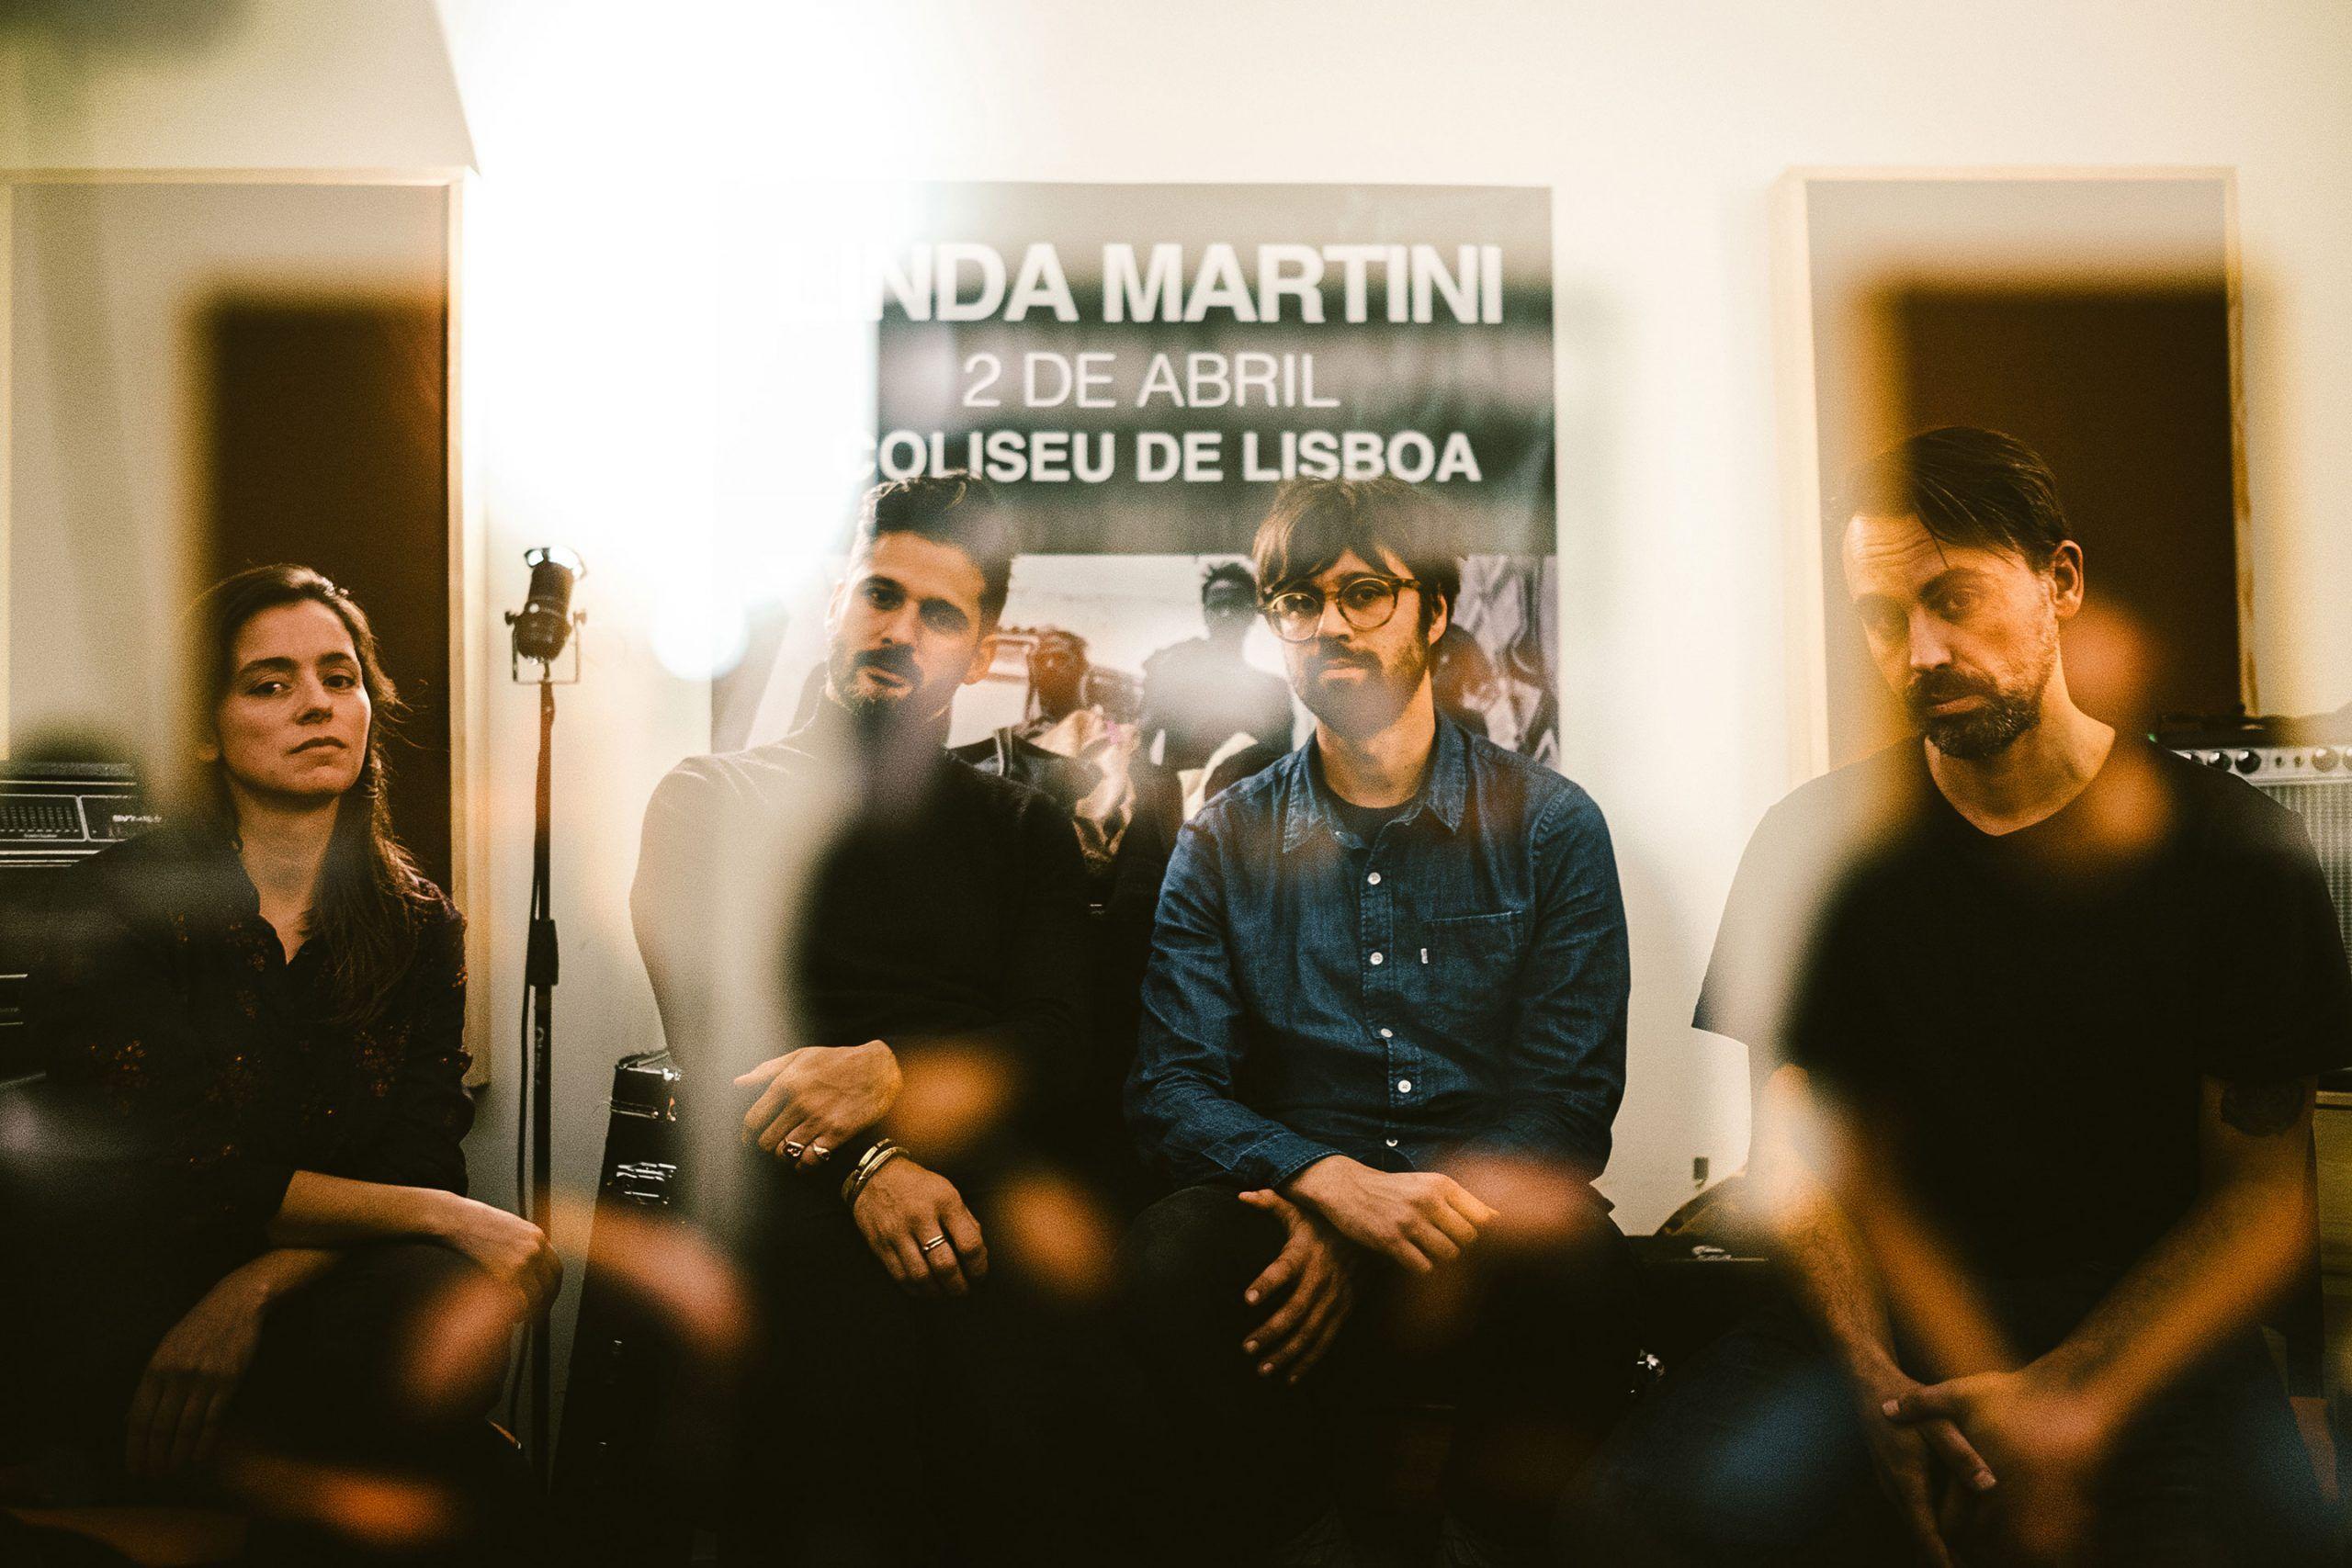 """Entrevista. Linda Martini: """"As nossas vidas mudaram, já não temos os dias inteiros por nossa conta para fazermos só música"""""""